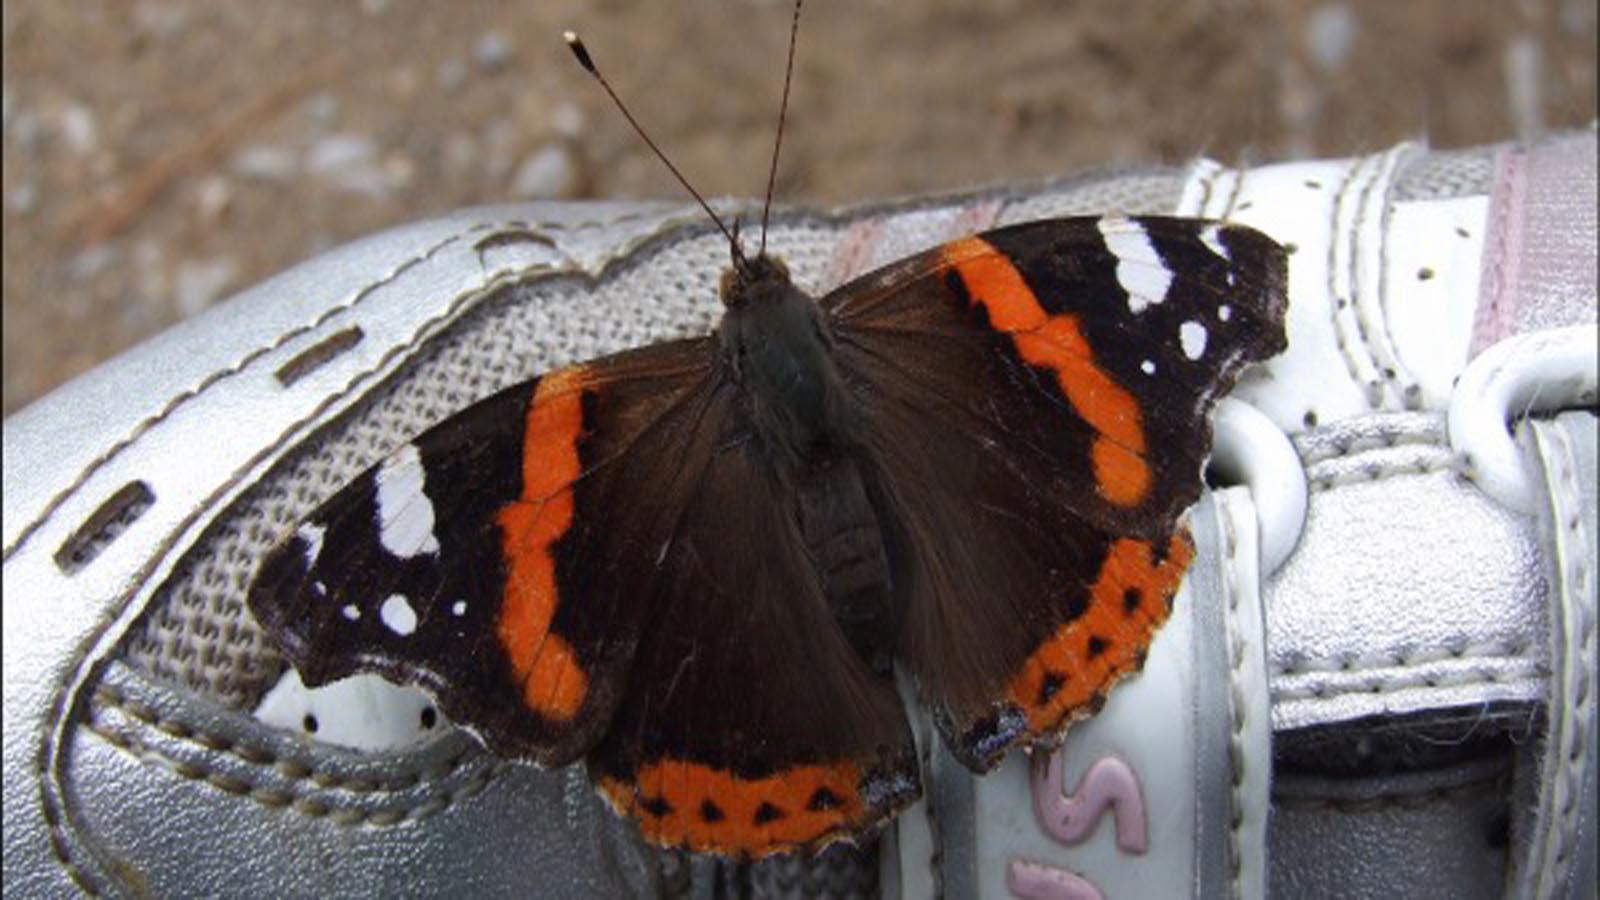 Meglio un fungo o una farfalla? Chiedetelo agli atleti